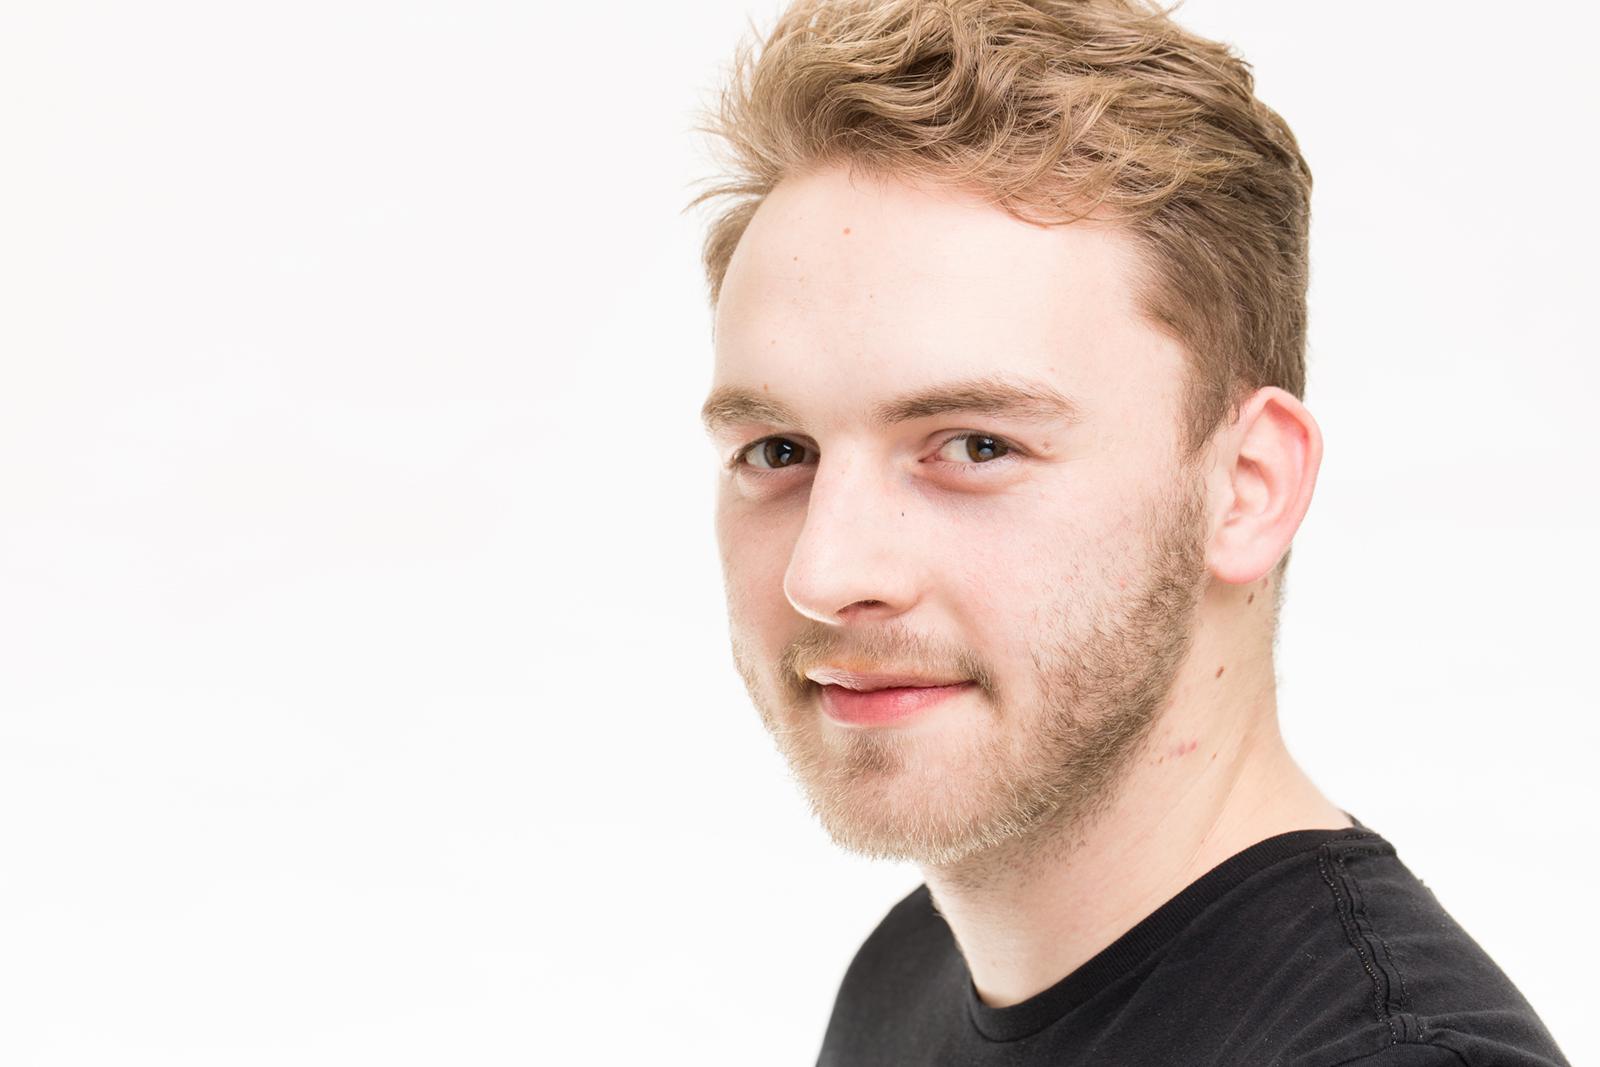 Portrait bzw Headshot von Erik im Peter Hurley Style Stil